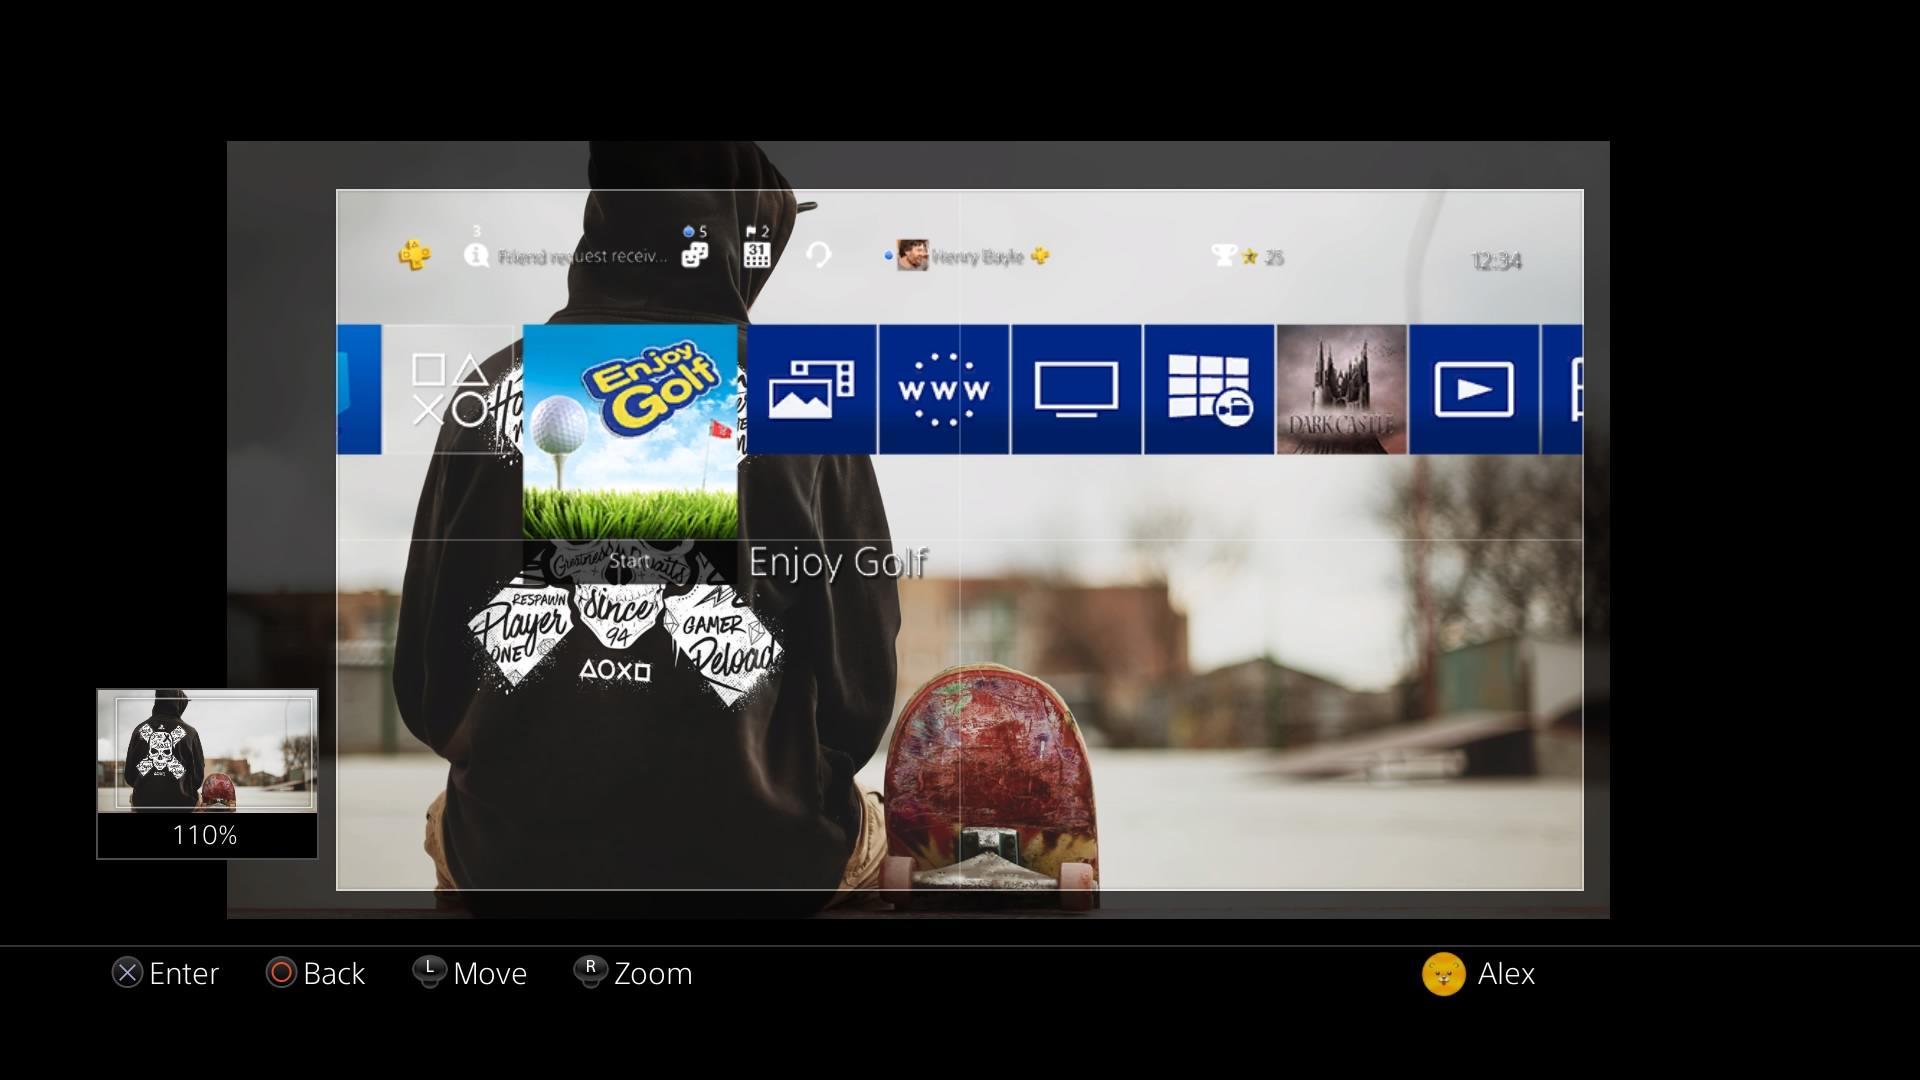 Import Custom PlayStation 4 Wallpapers via USB